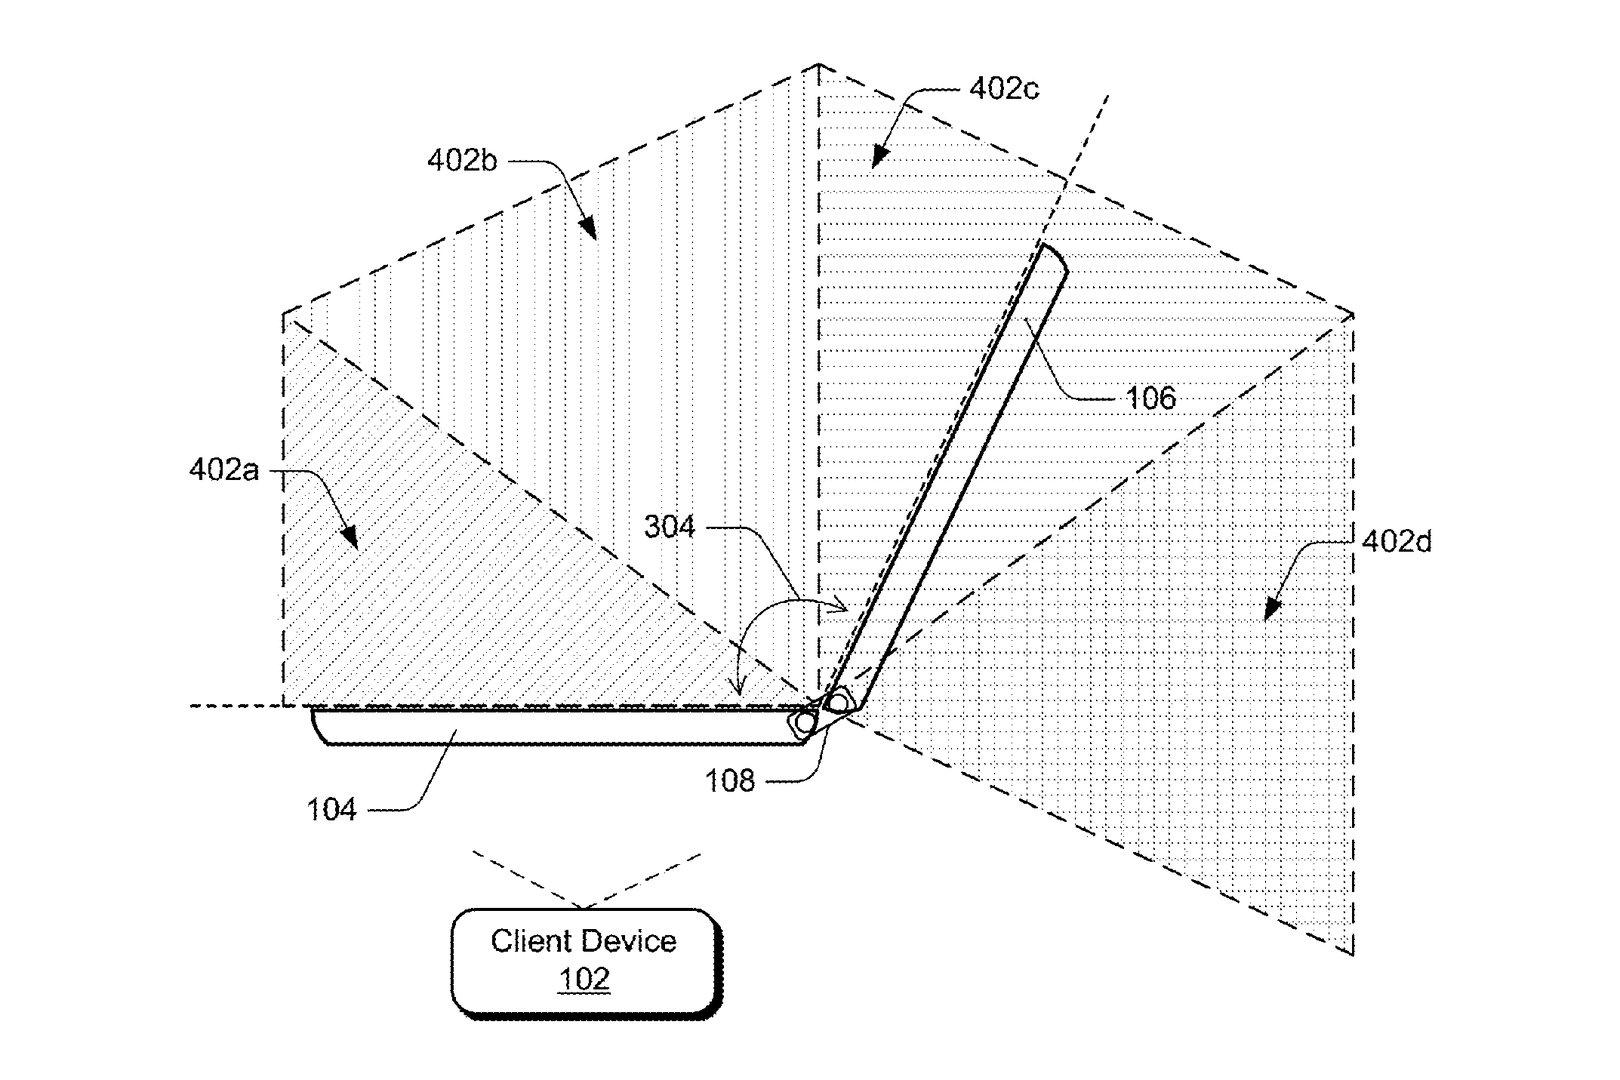 Patent beschreibt verschiedene Positionen des Scharniers